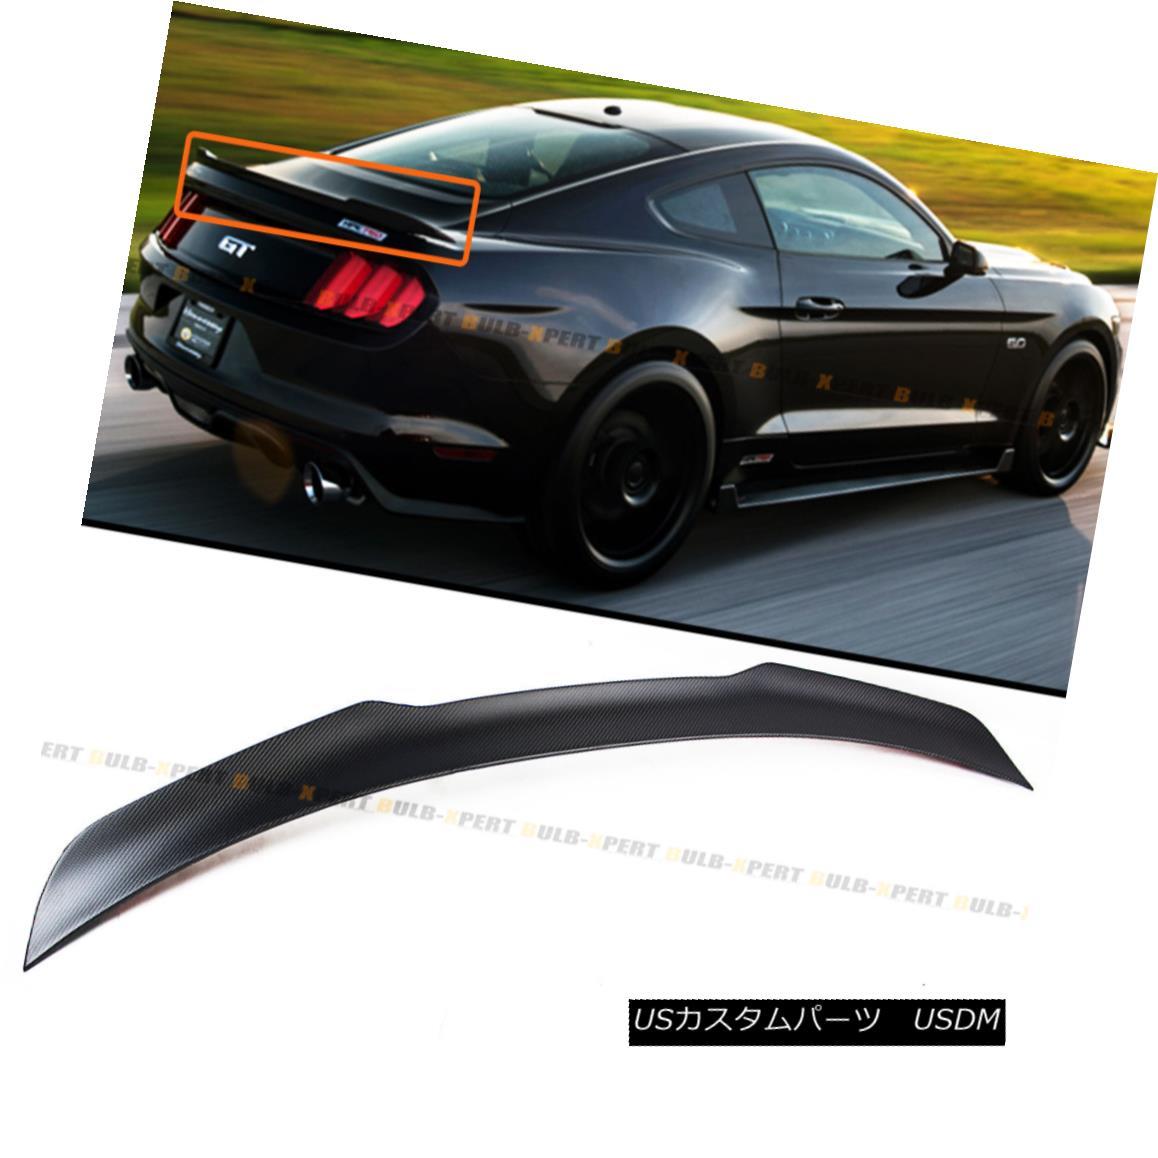 エアロパーツ For 2015-17 Ford Mustang GT H Style Carbon Fiber Trunk Spoiler Wing Matt Finish 2015-17フォードマスタングGT Hスタイルカーボンファイバートランクスポイラーウィングマットフィニッシュ